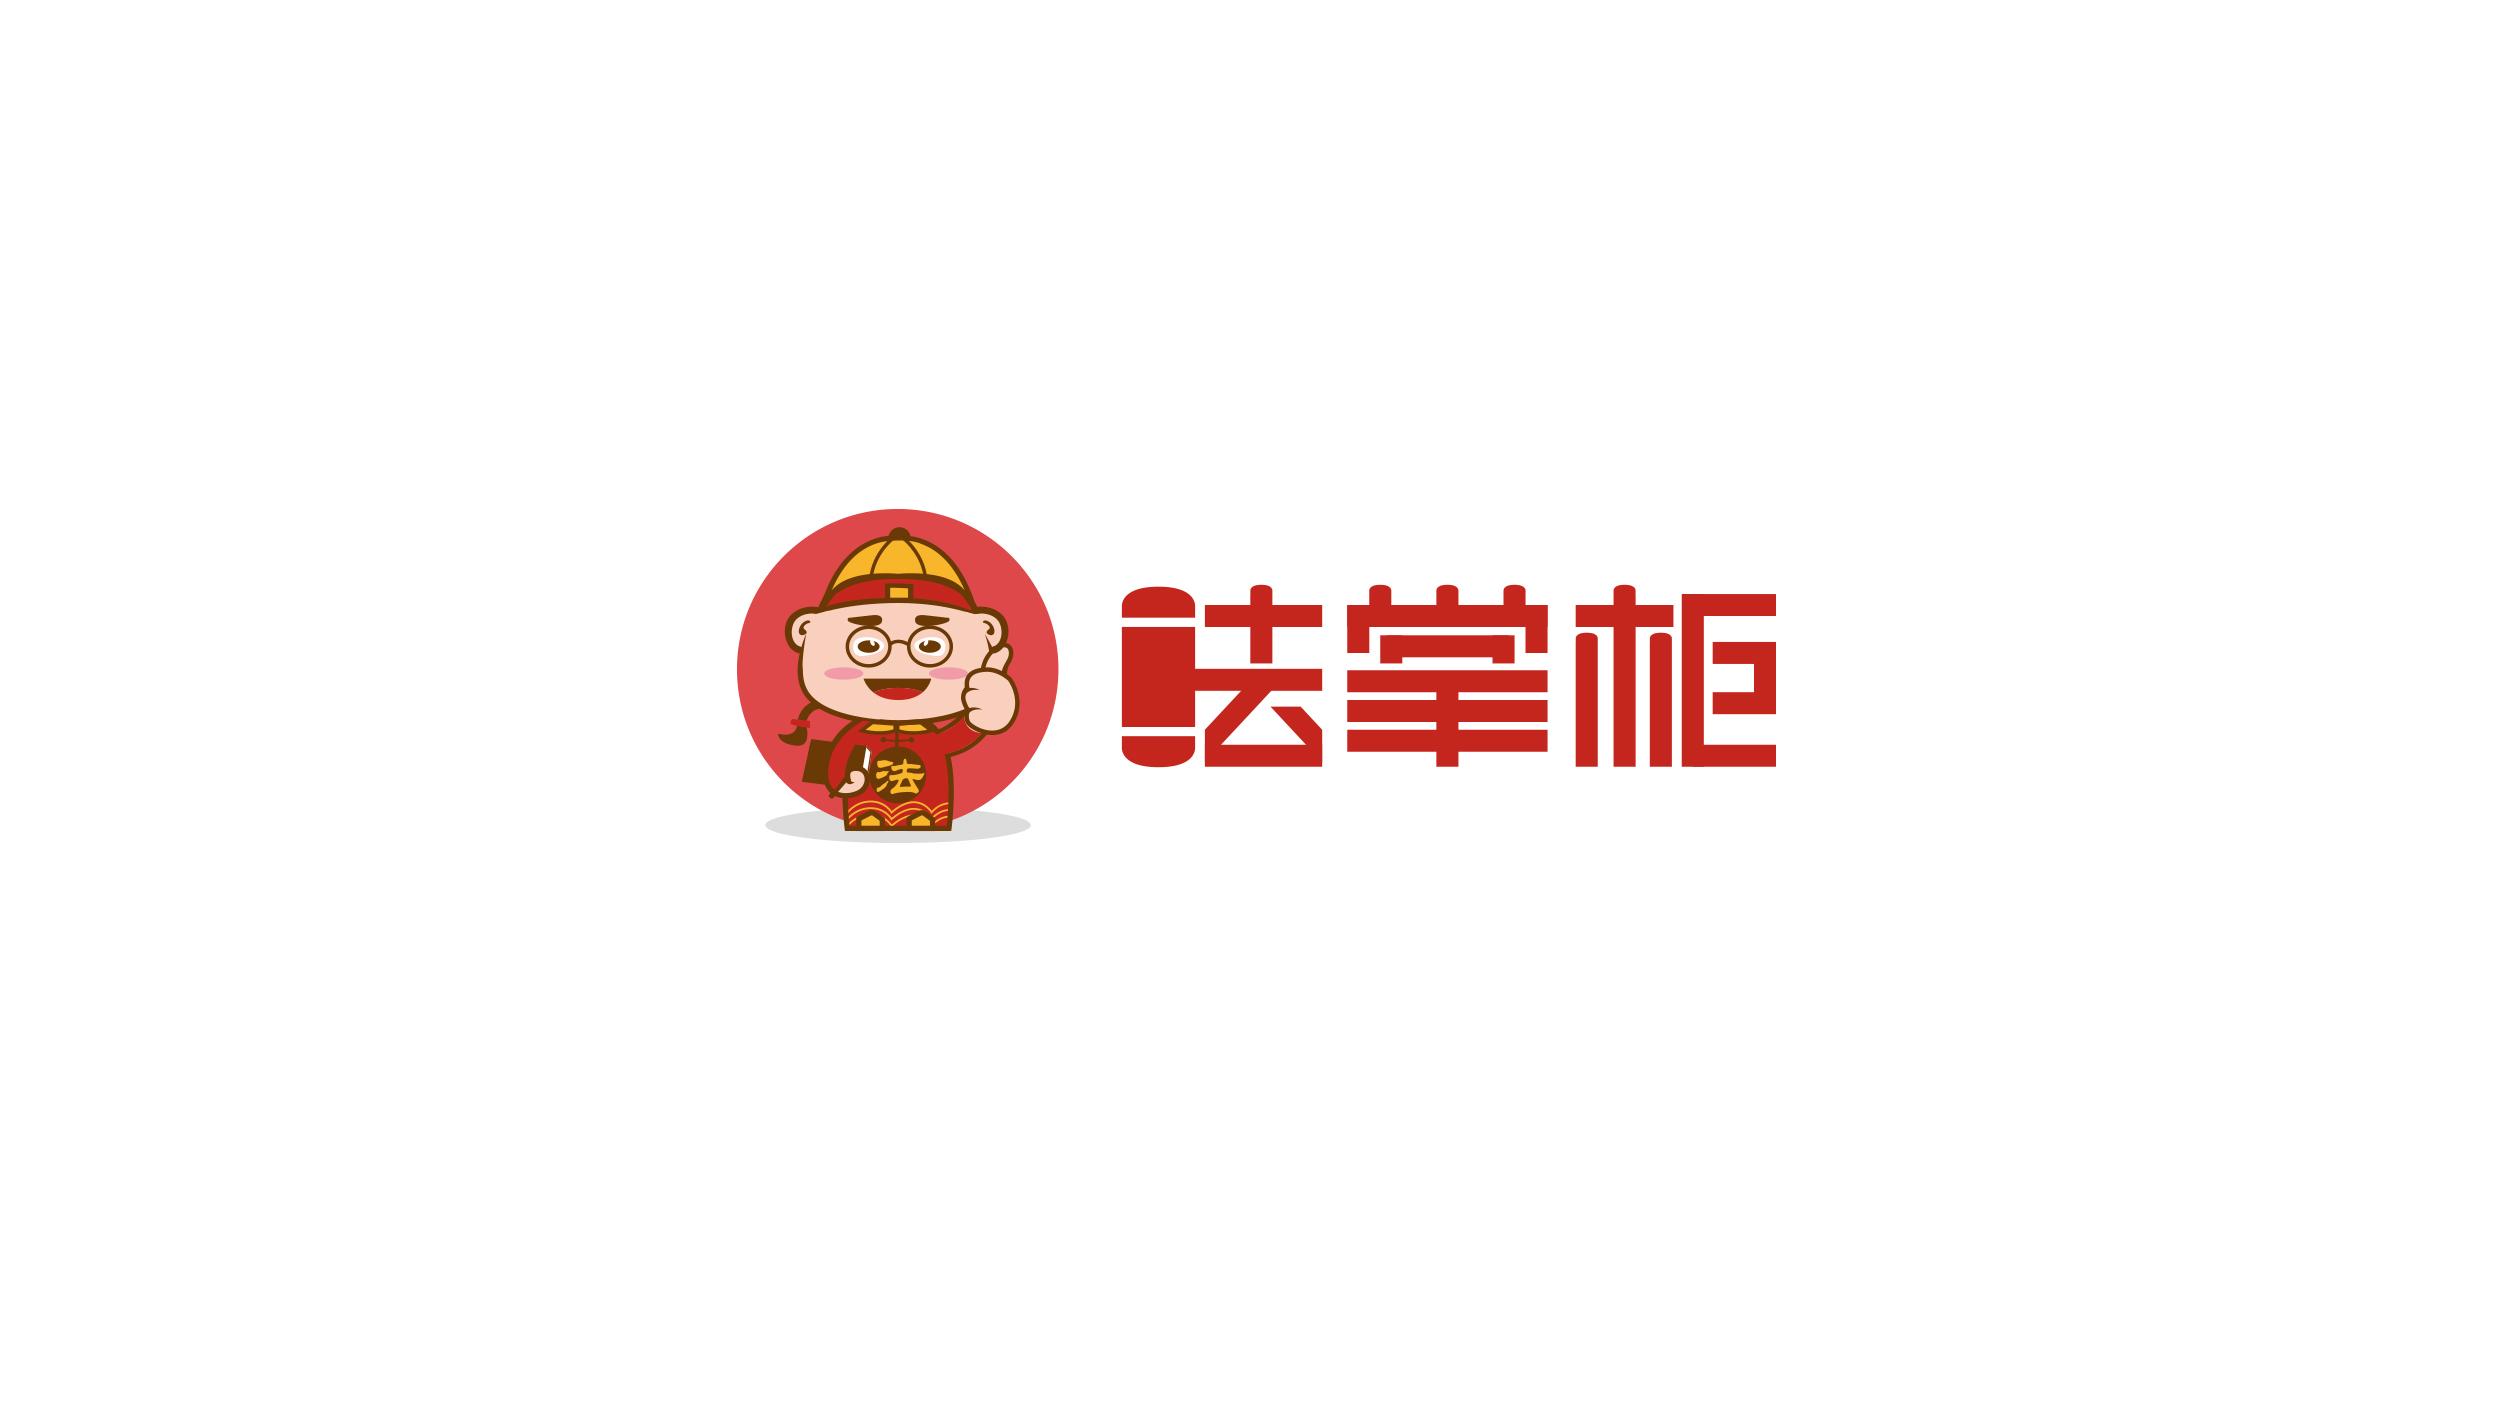 法掌柜品牌LOGO万博手机官网